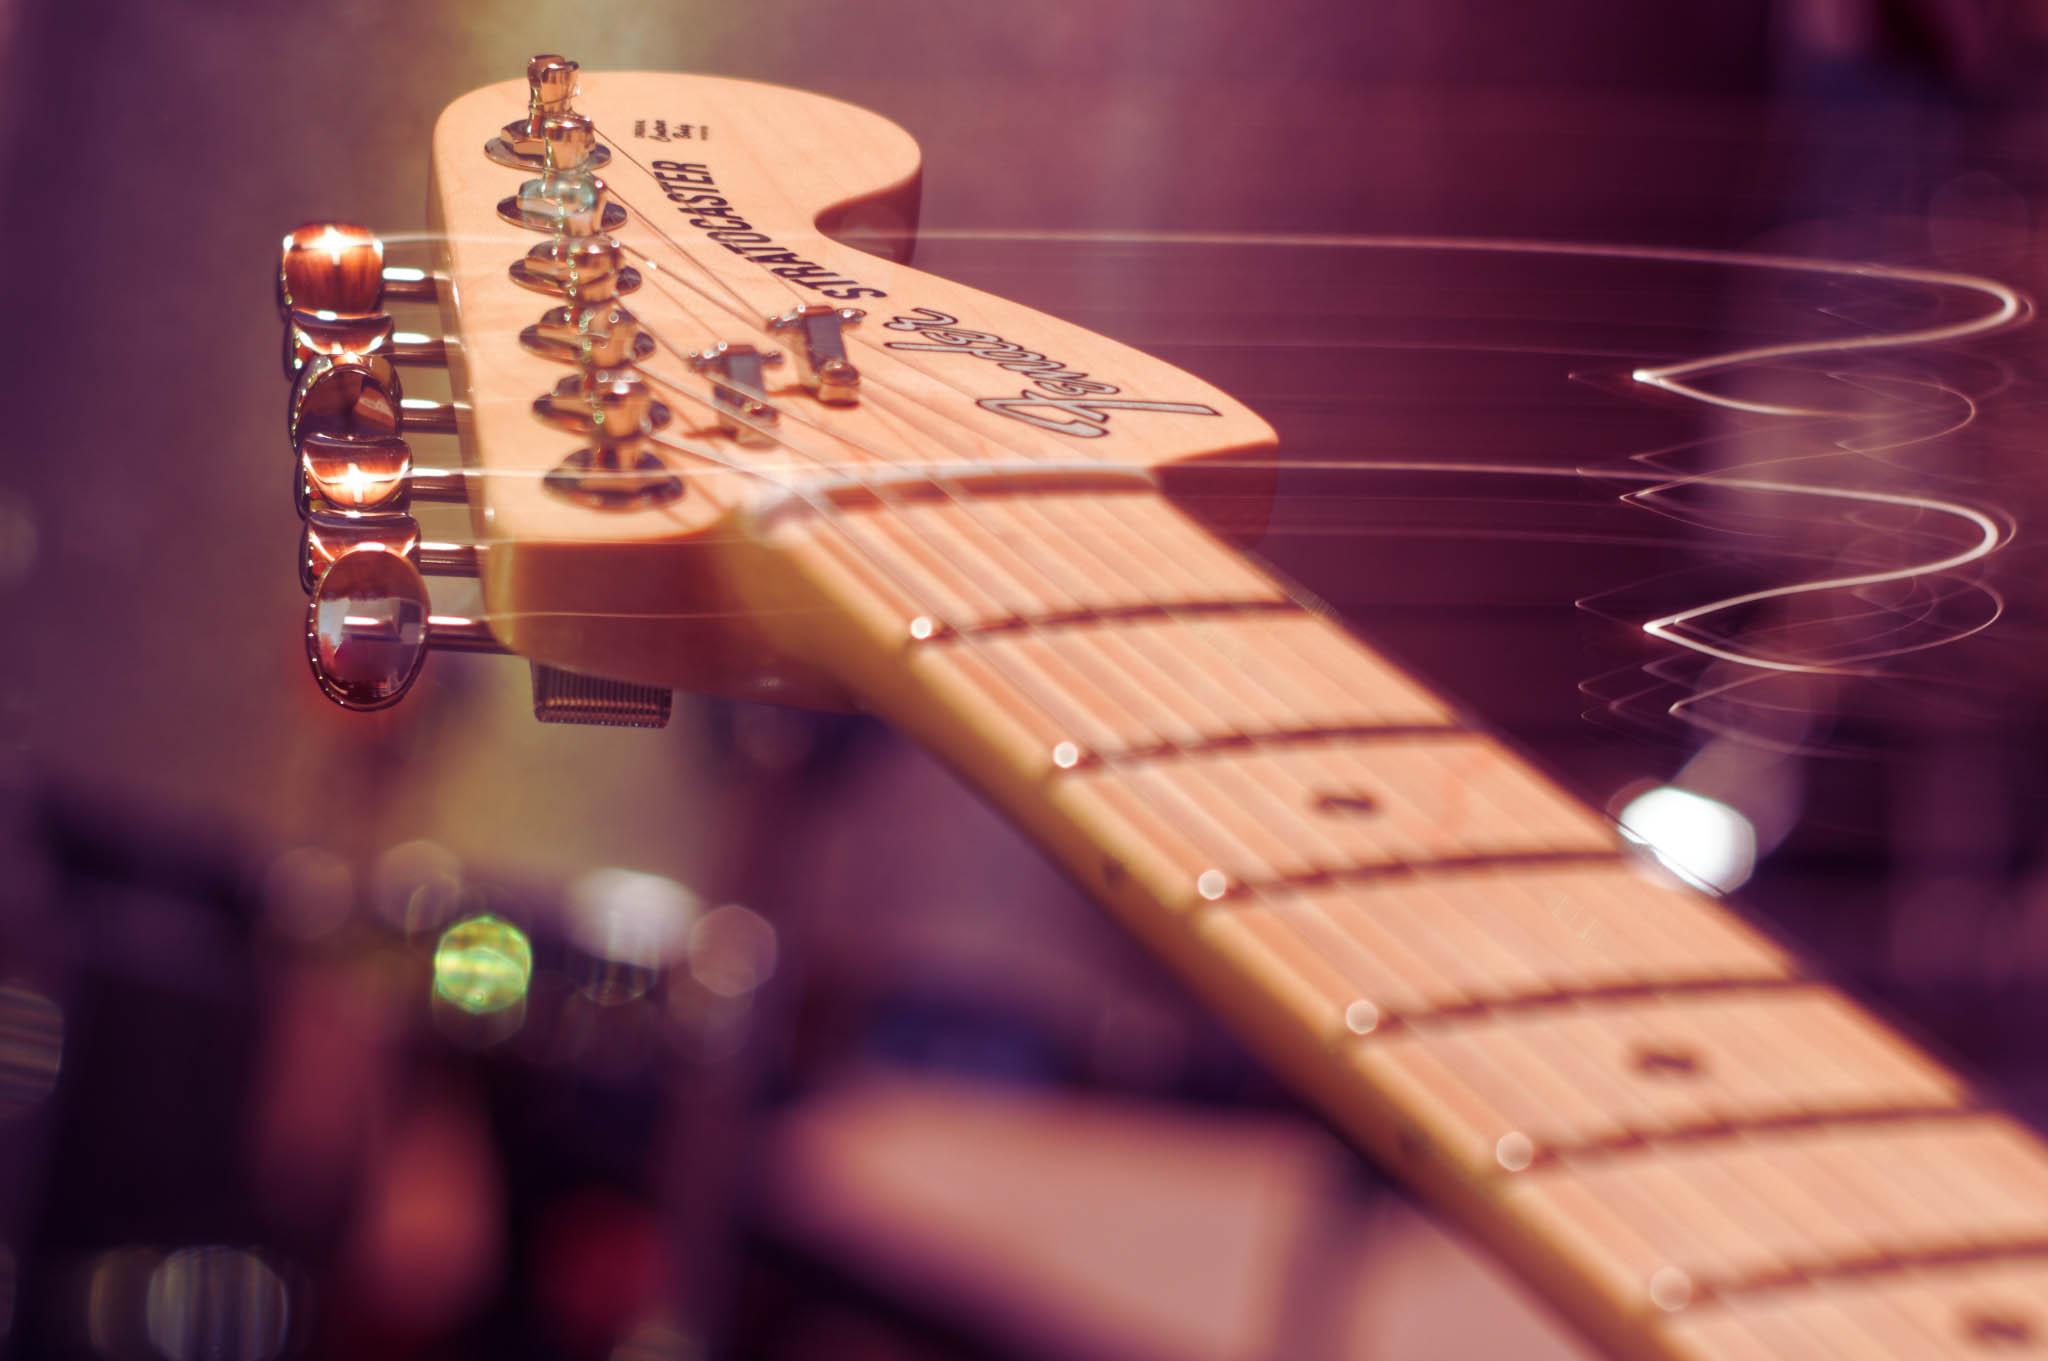 guitar keys photographed by Elsie Johnston